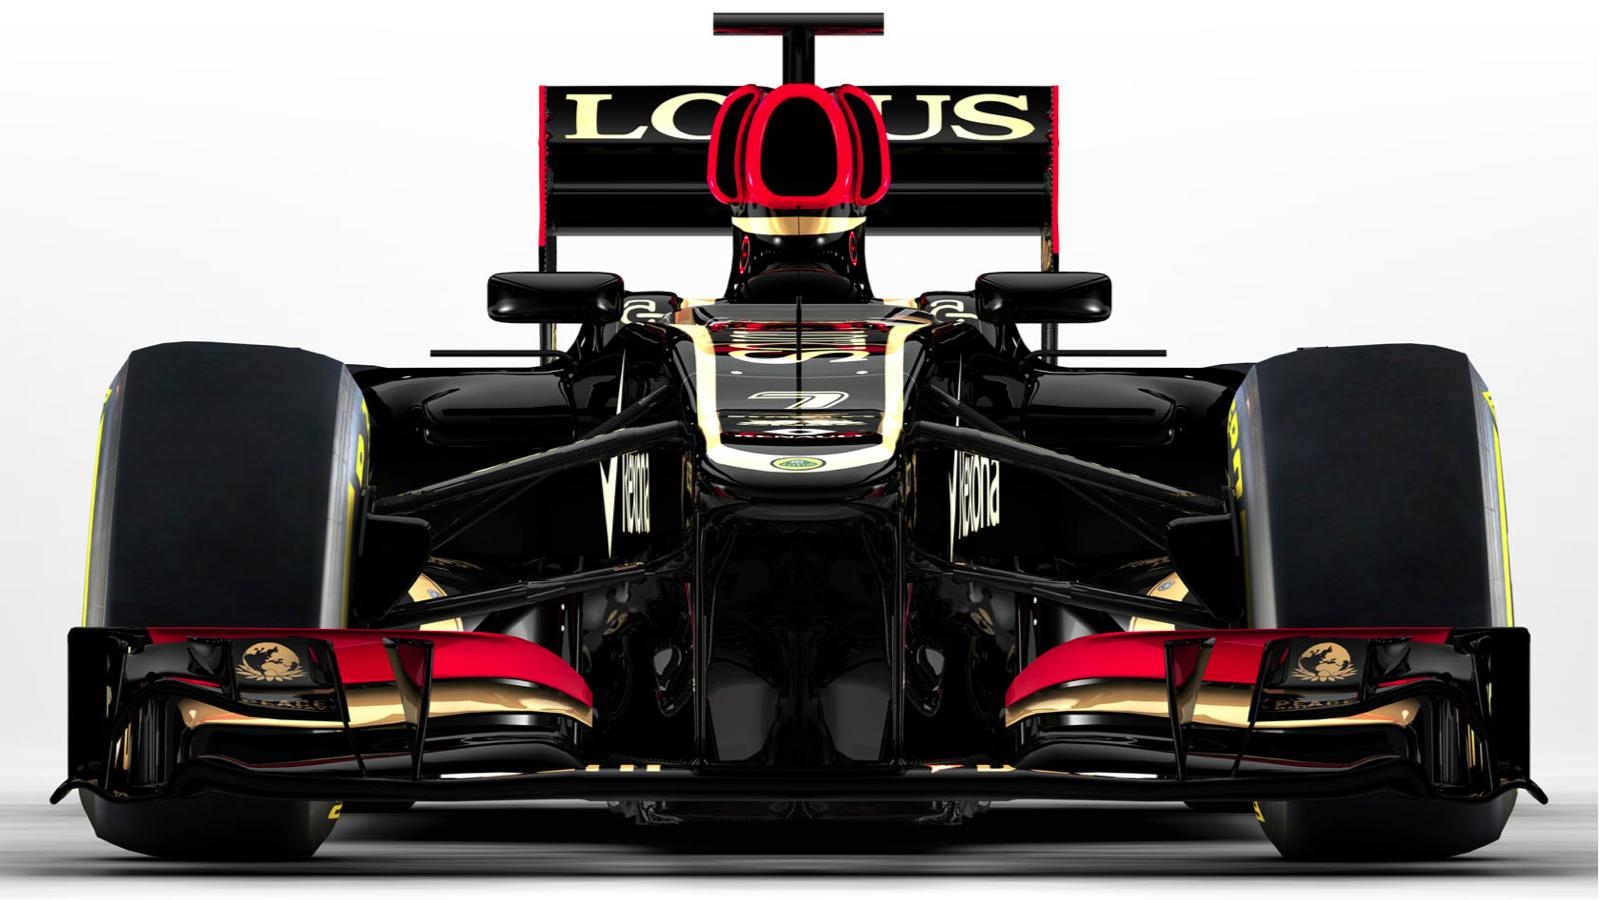 2013 Lotus F1 car 4